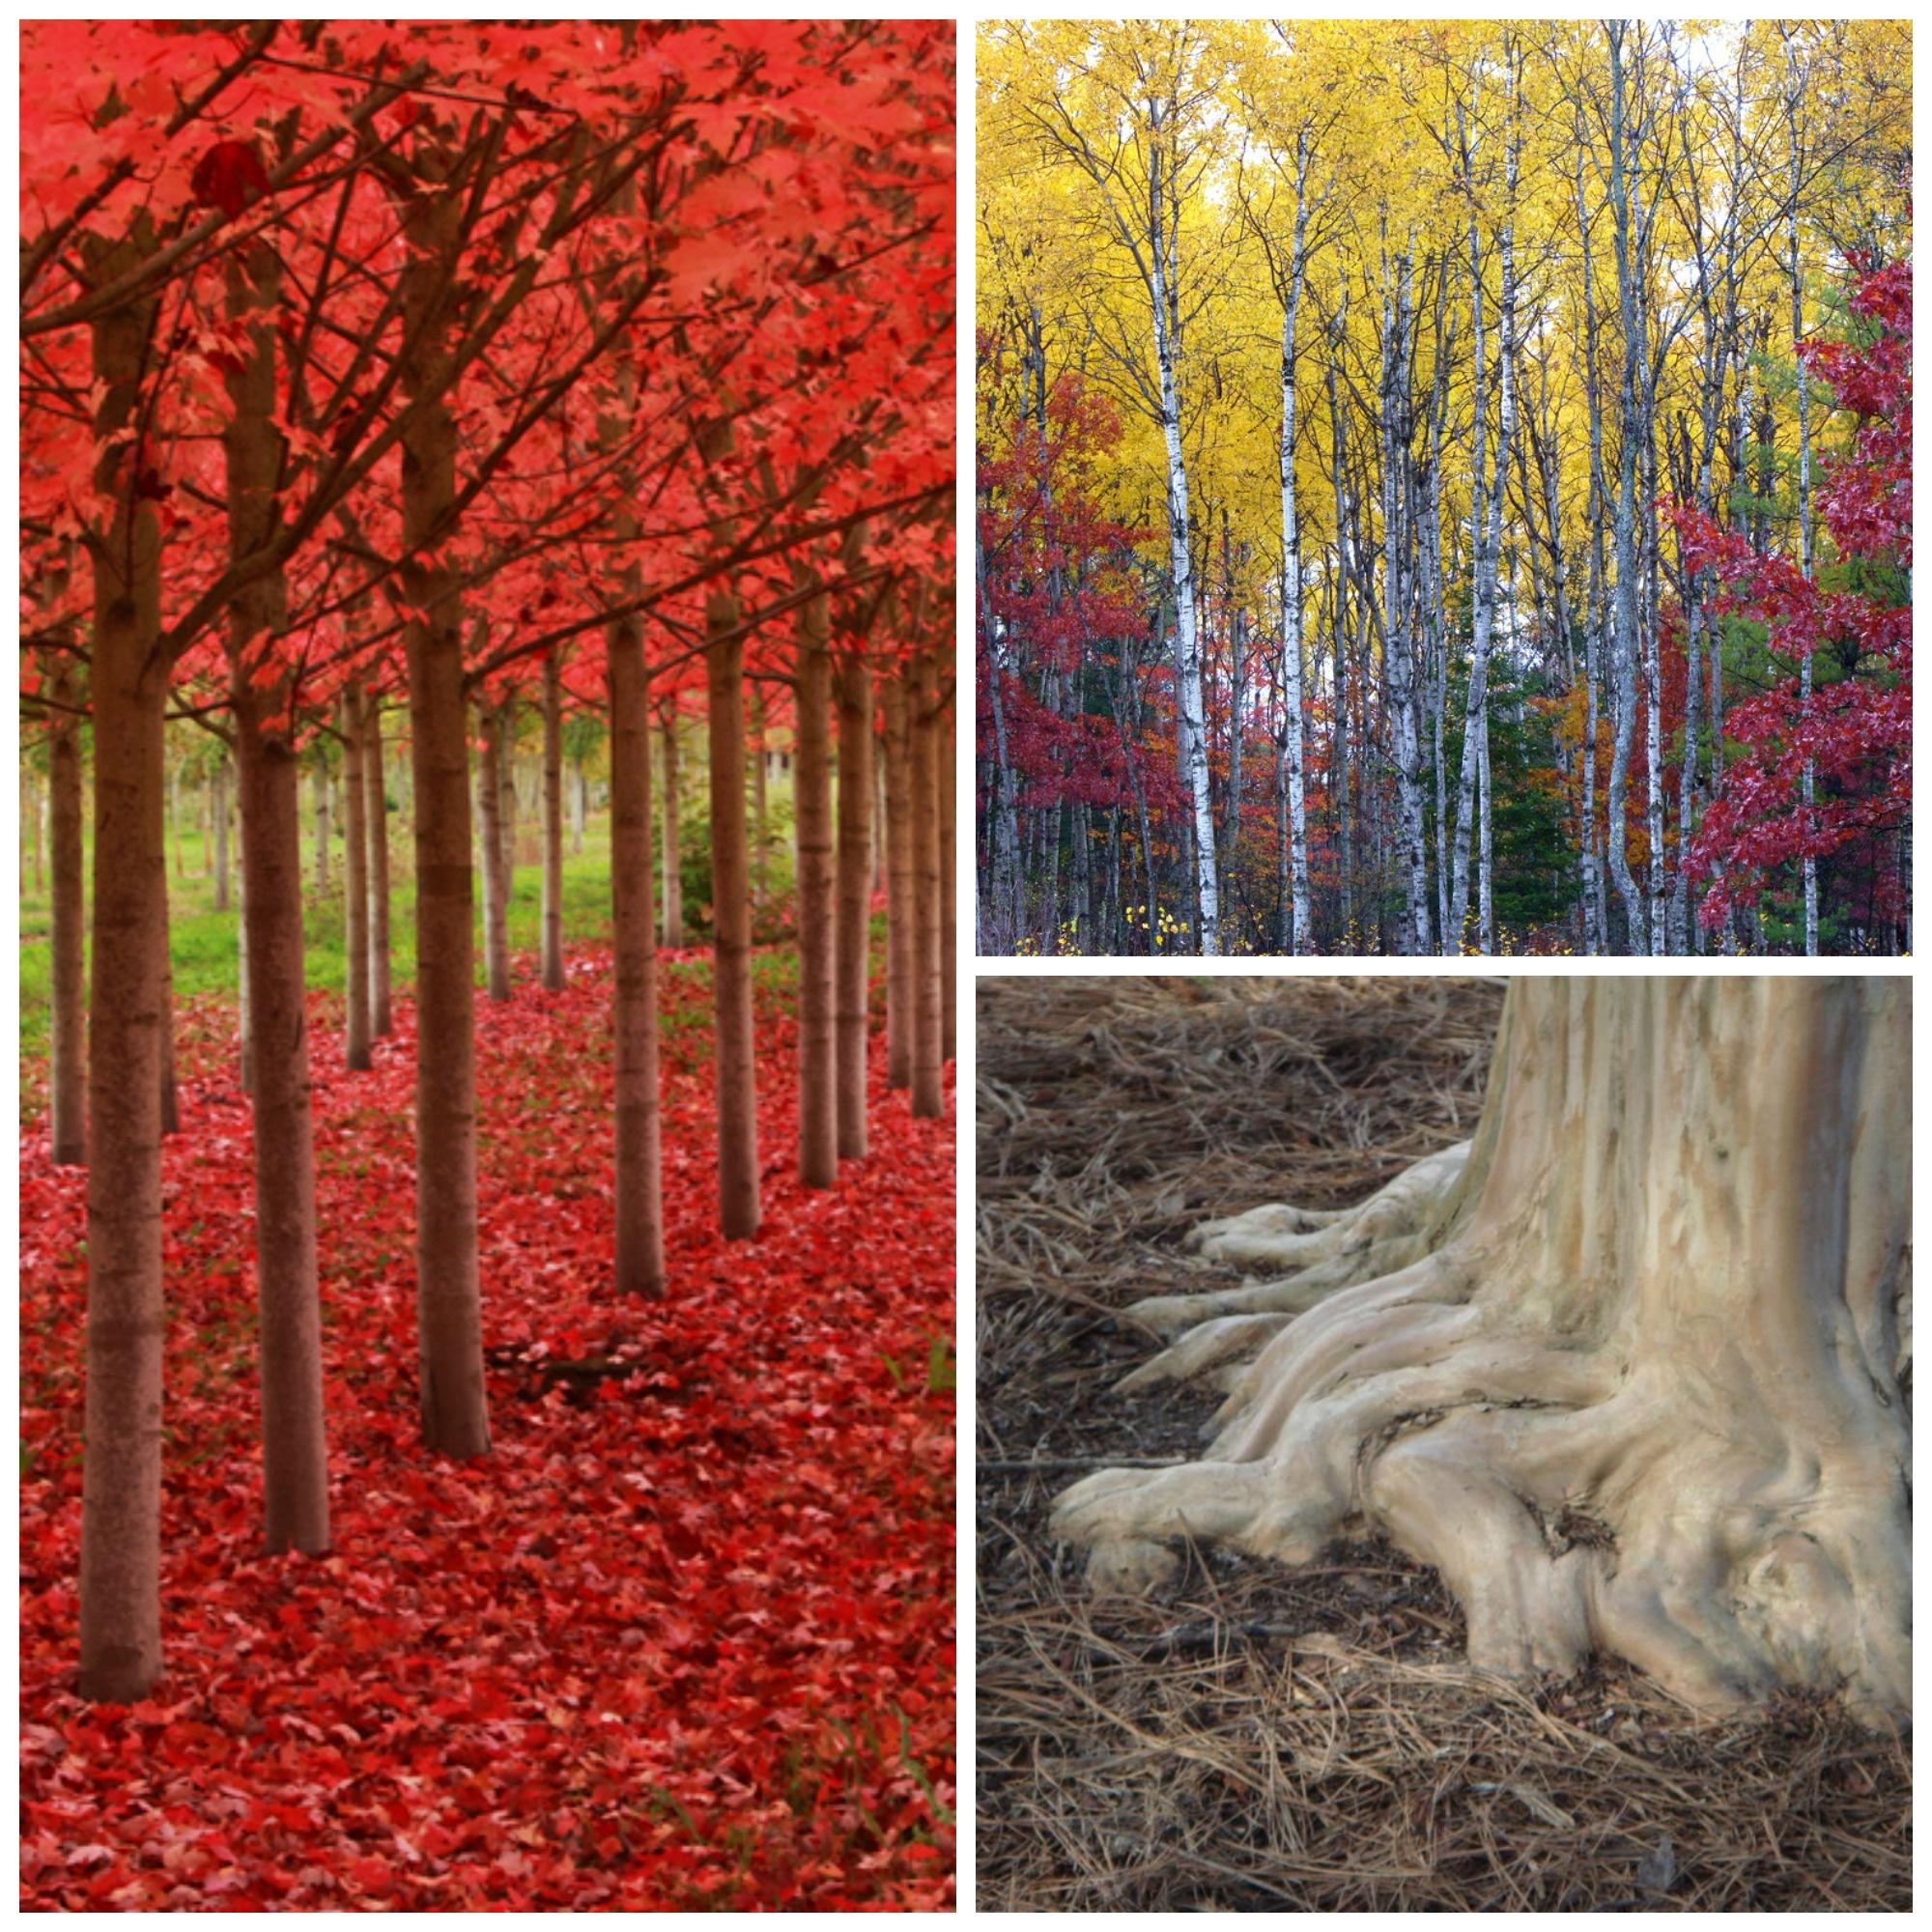 Left © 511Ian Sane, Top right © Rachel Kramer, Bottom Right © David Houston